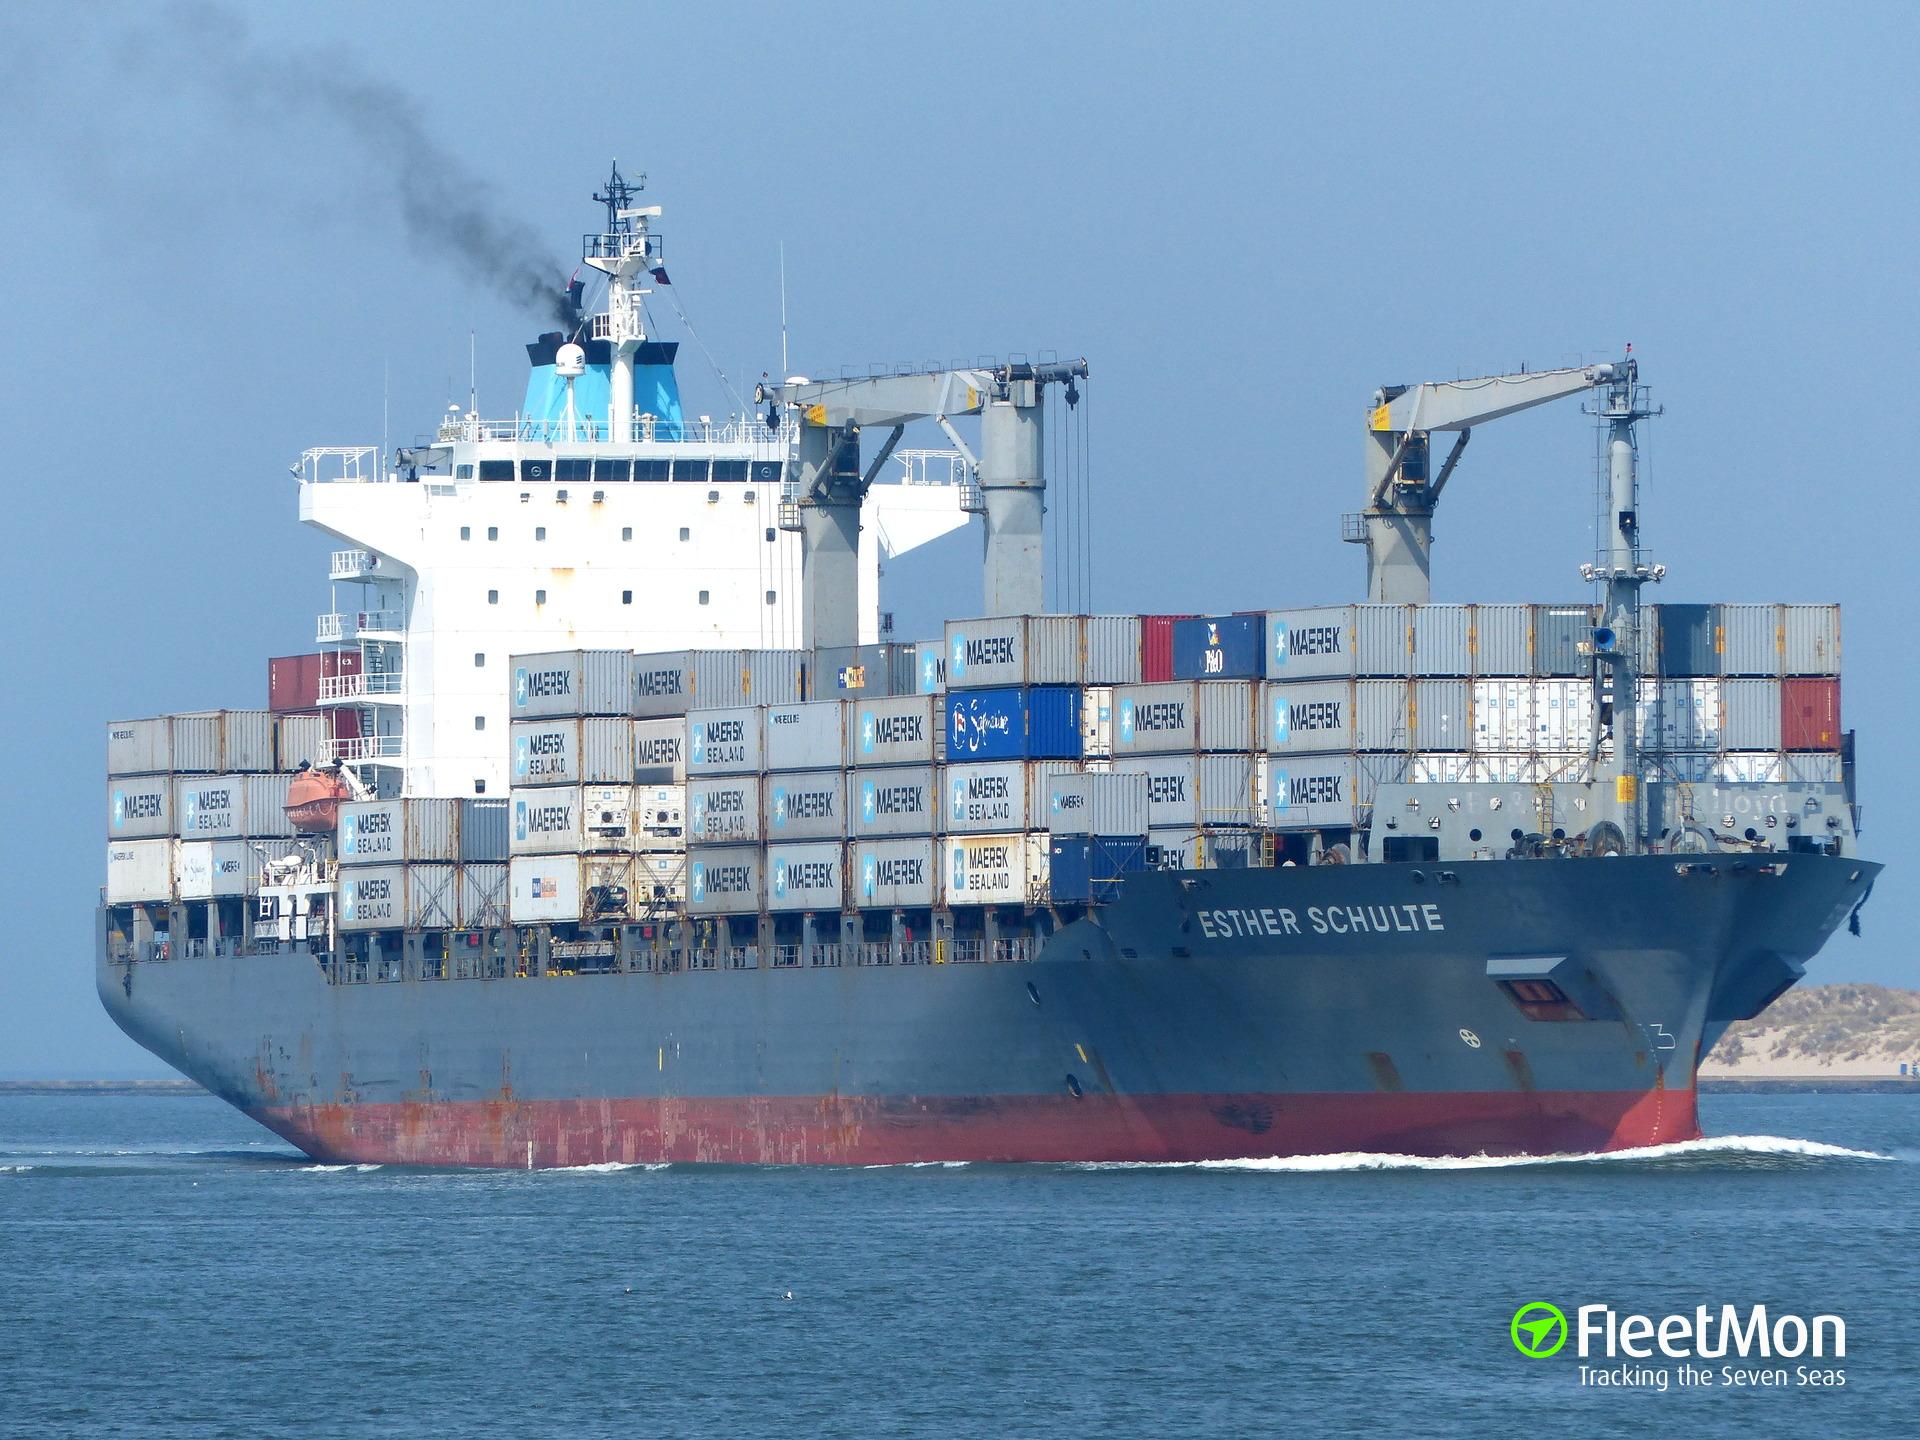 Maersk track : Coupons com scam